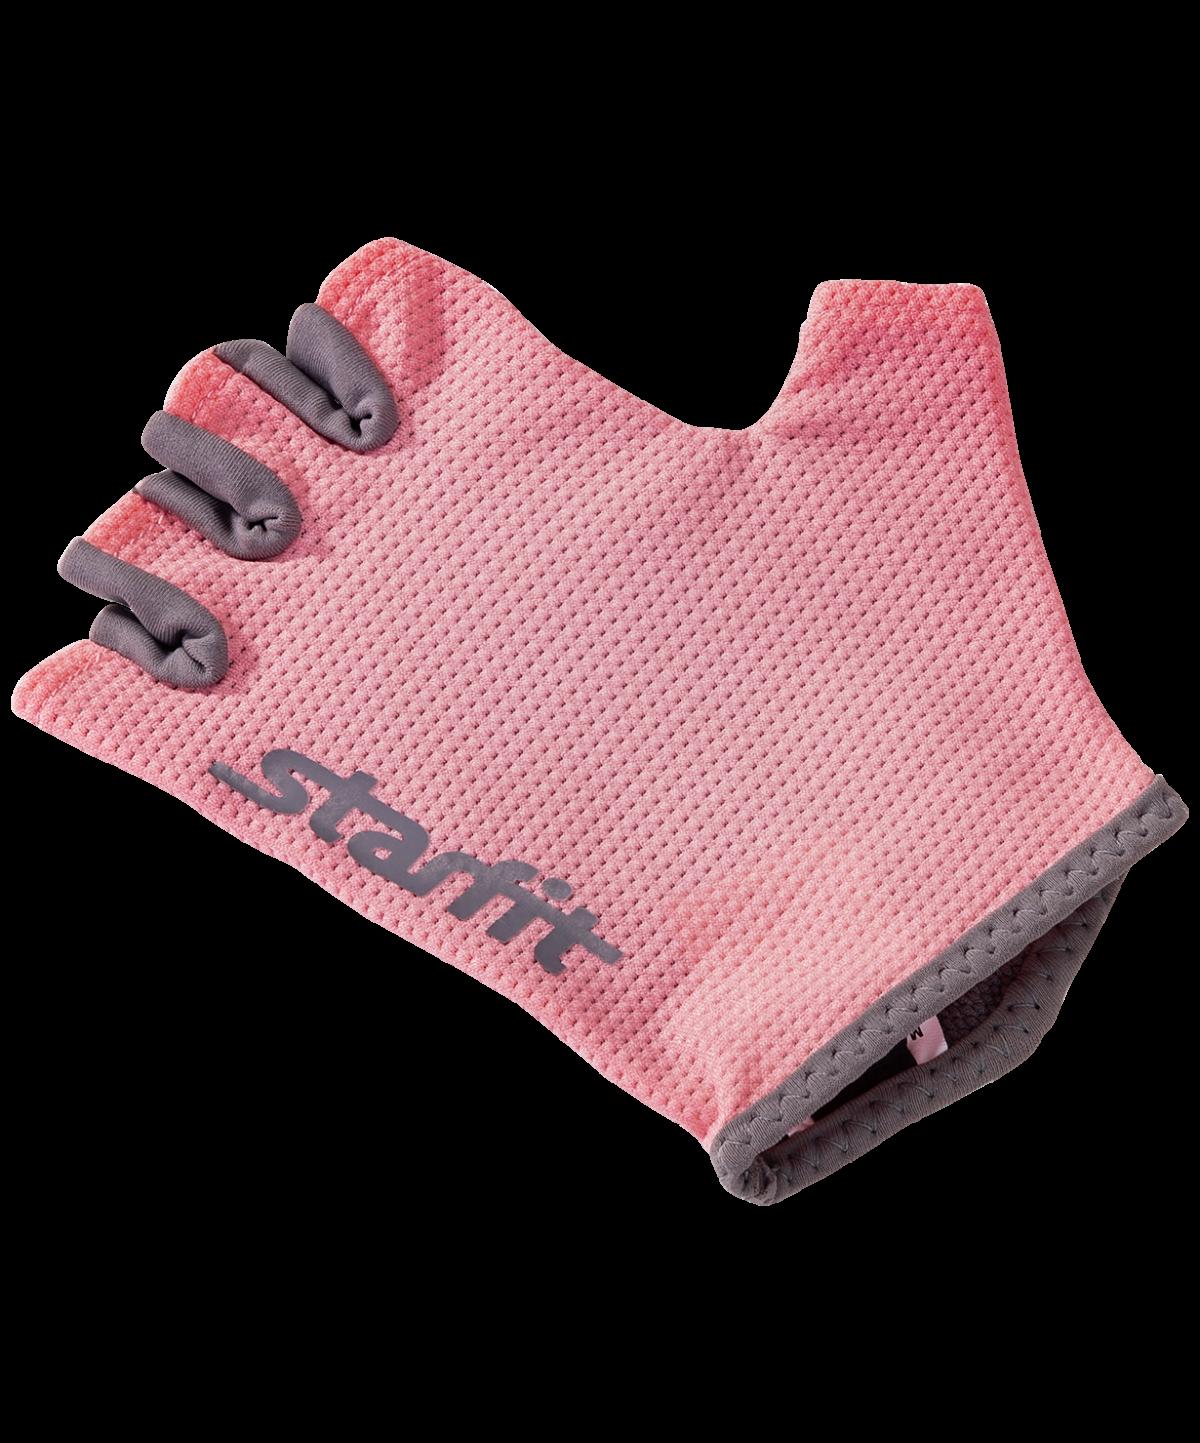 STARFIT Перчатки для фитнеса SU-127 : розовый/серый - 3